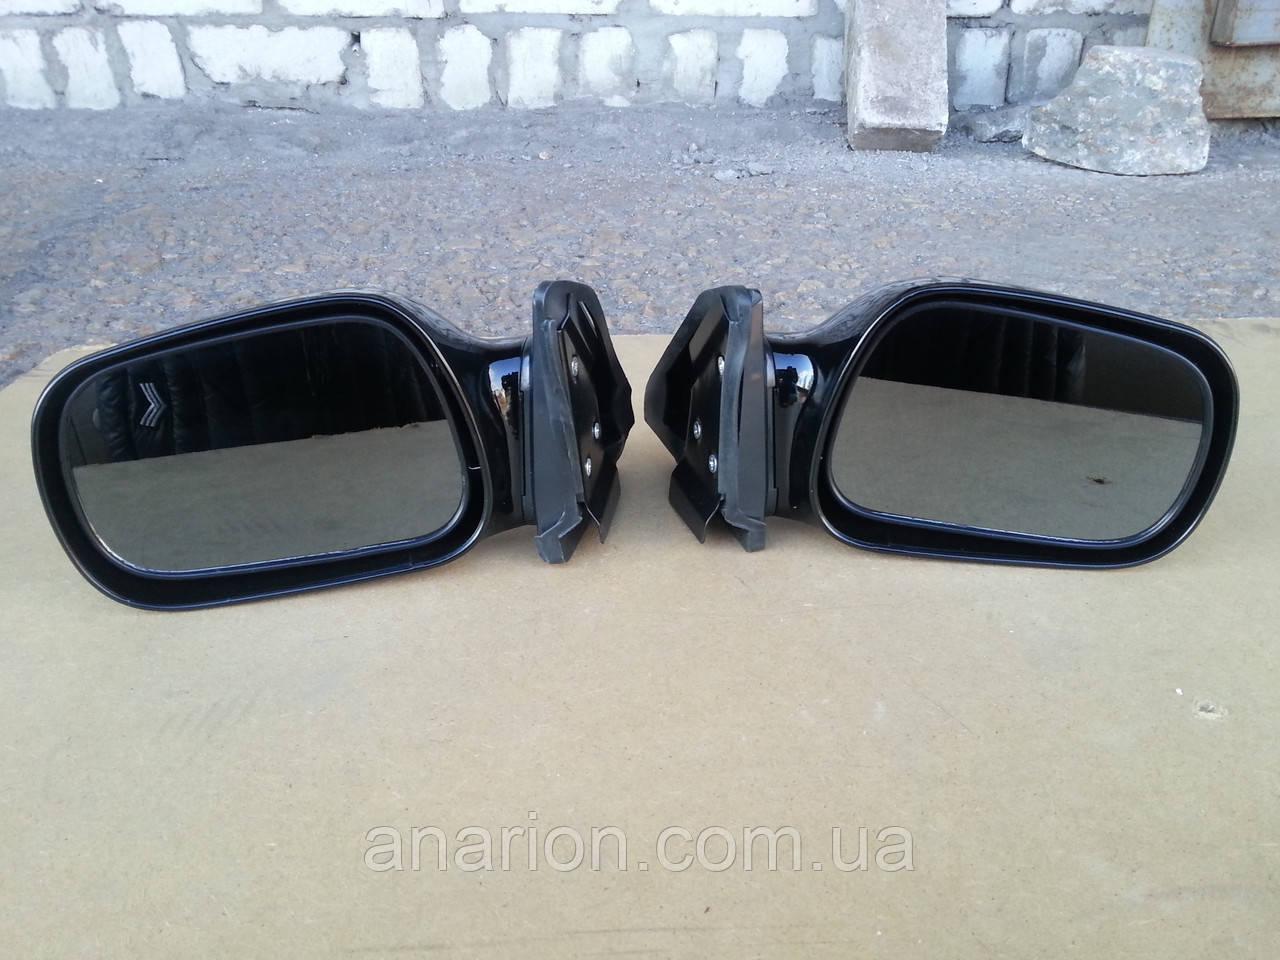 Зеркало боковое тонированное на ВАЗ 2106 №632 - СветАвто (товары для тюнинга автомобилей ВАЗ) в Запорожье